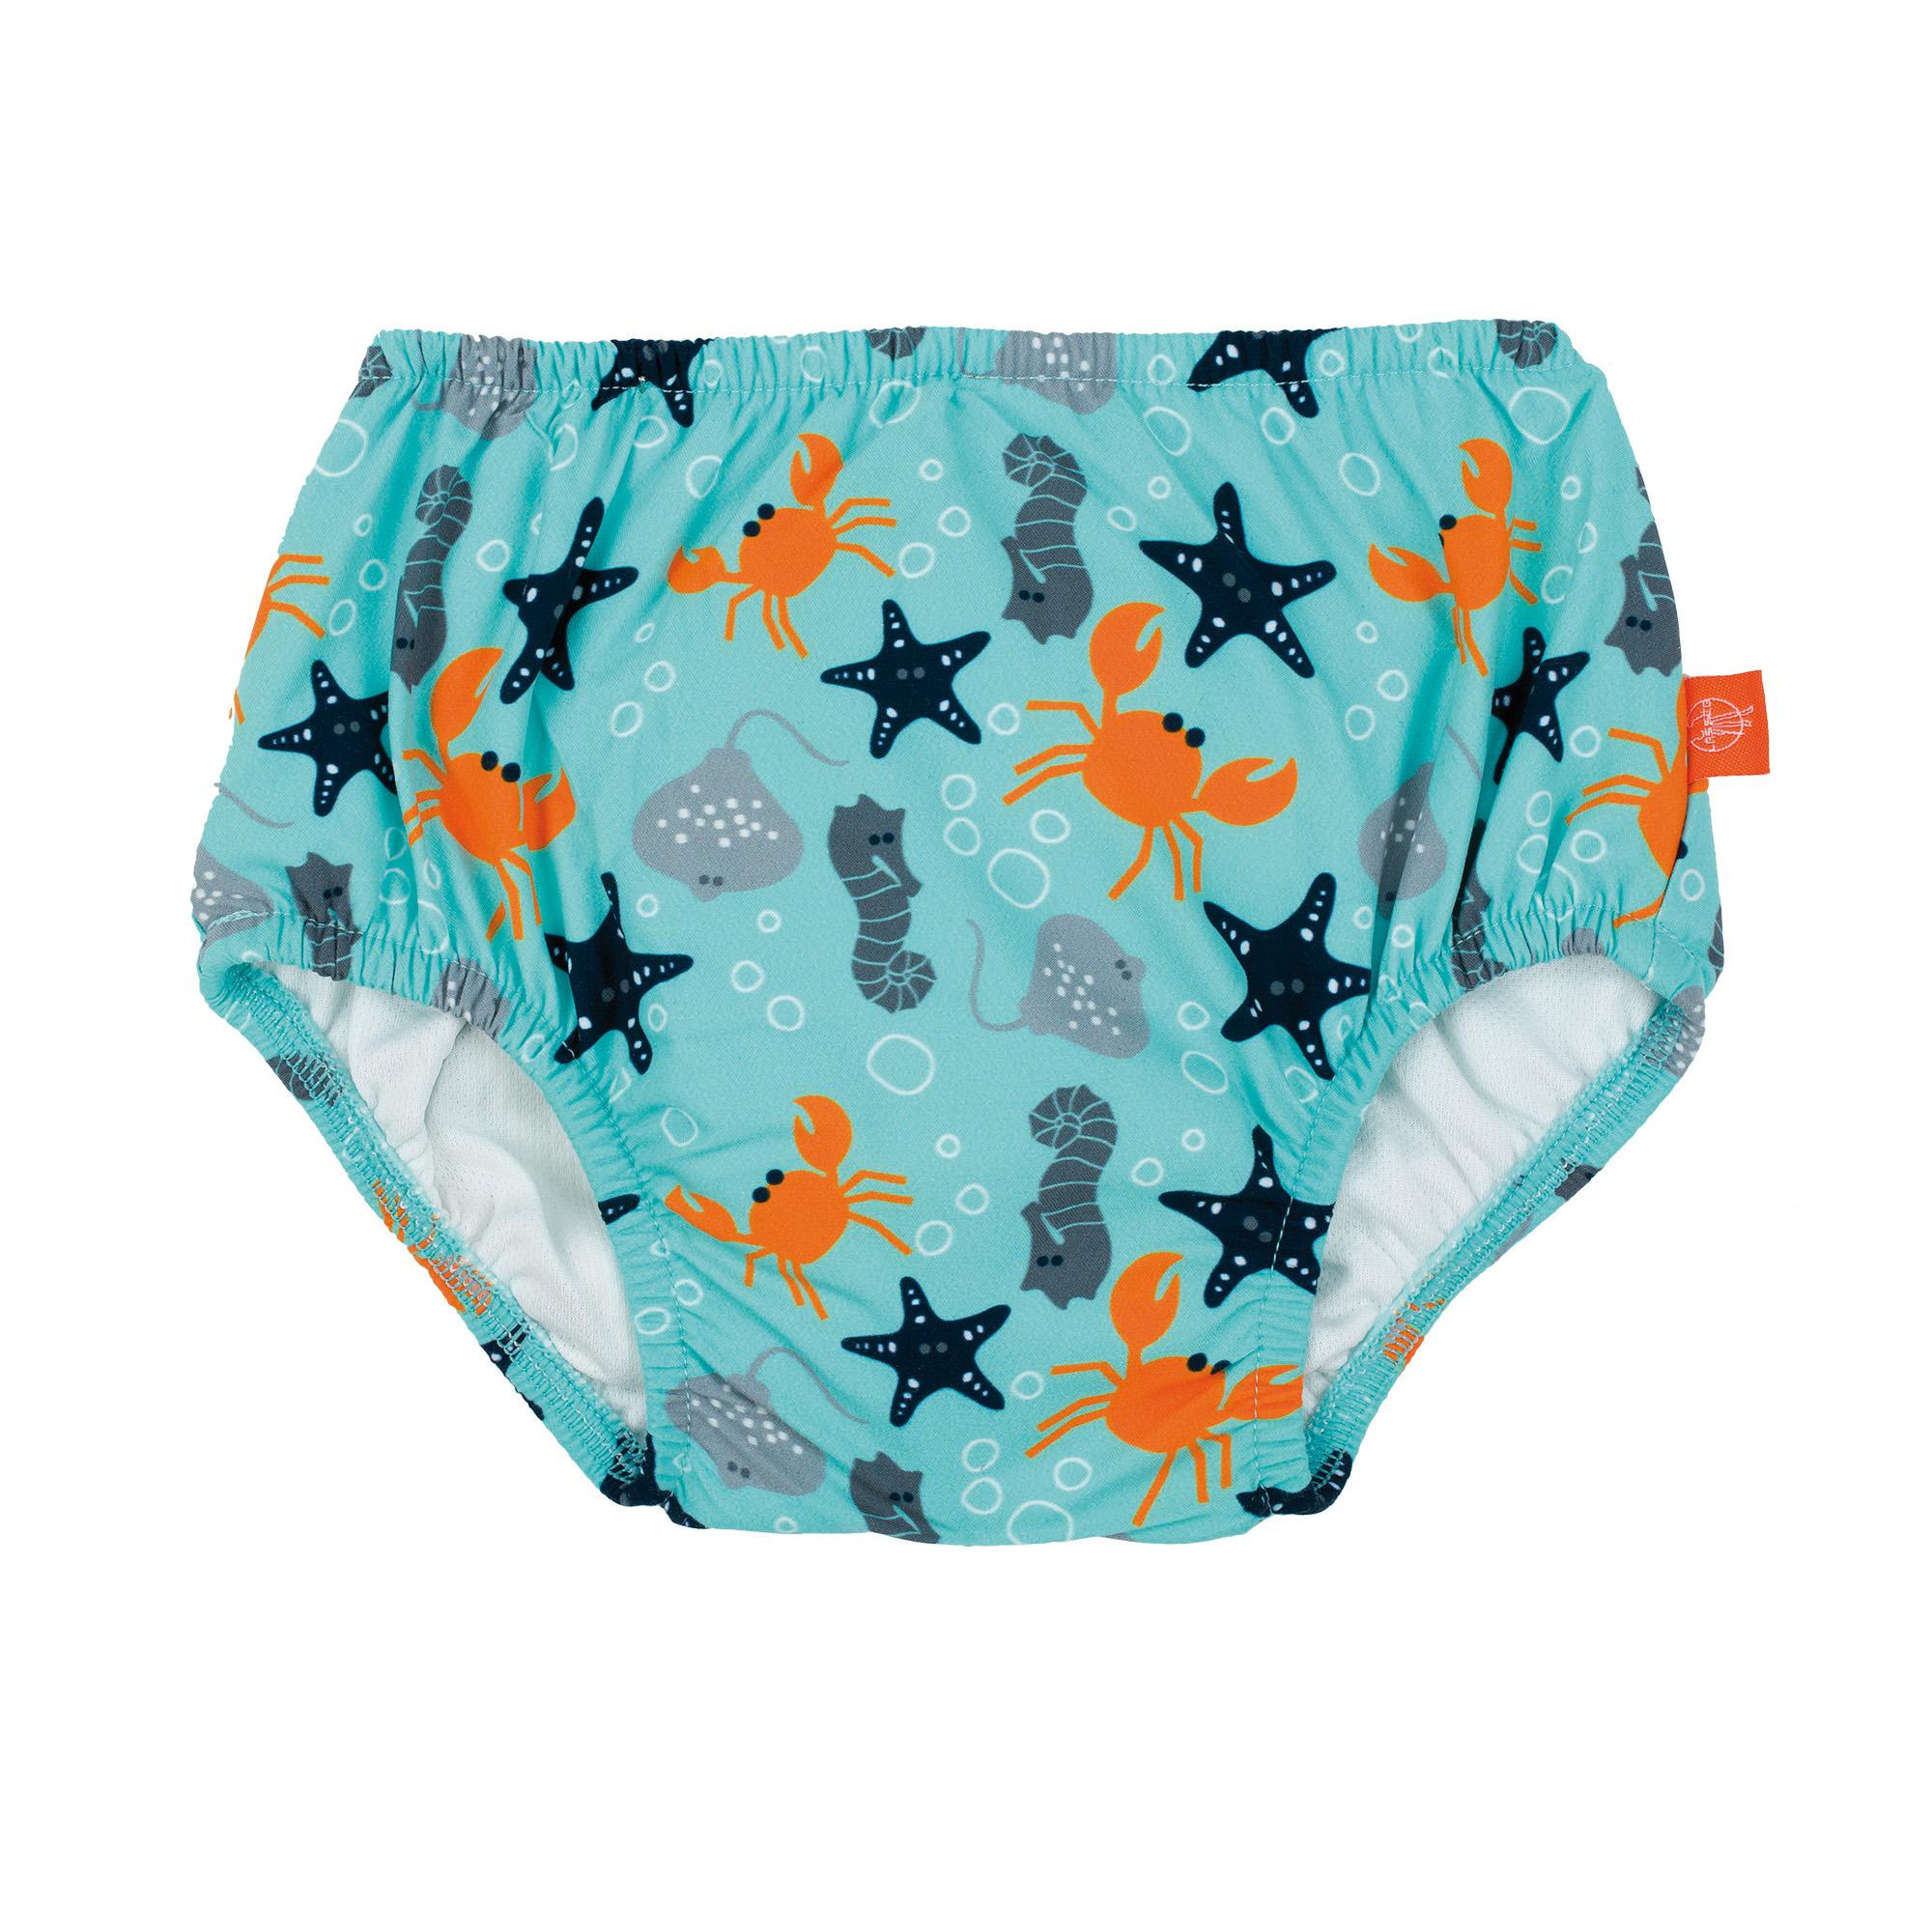 Swim Diaper - Star Fish 24 mo.